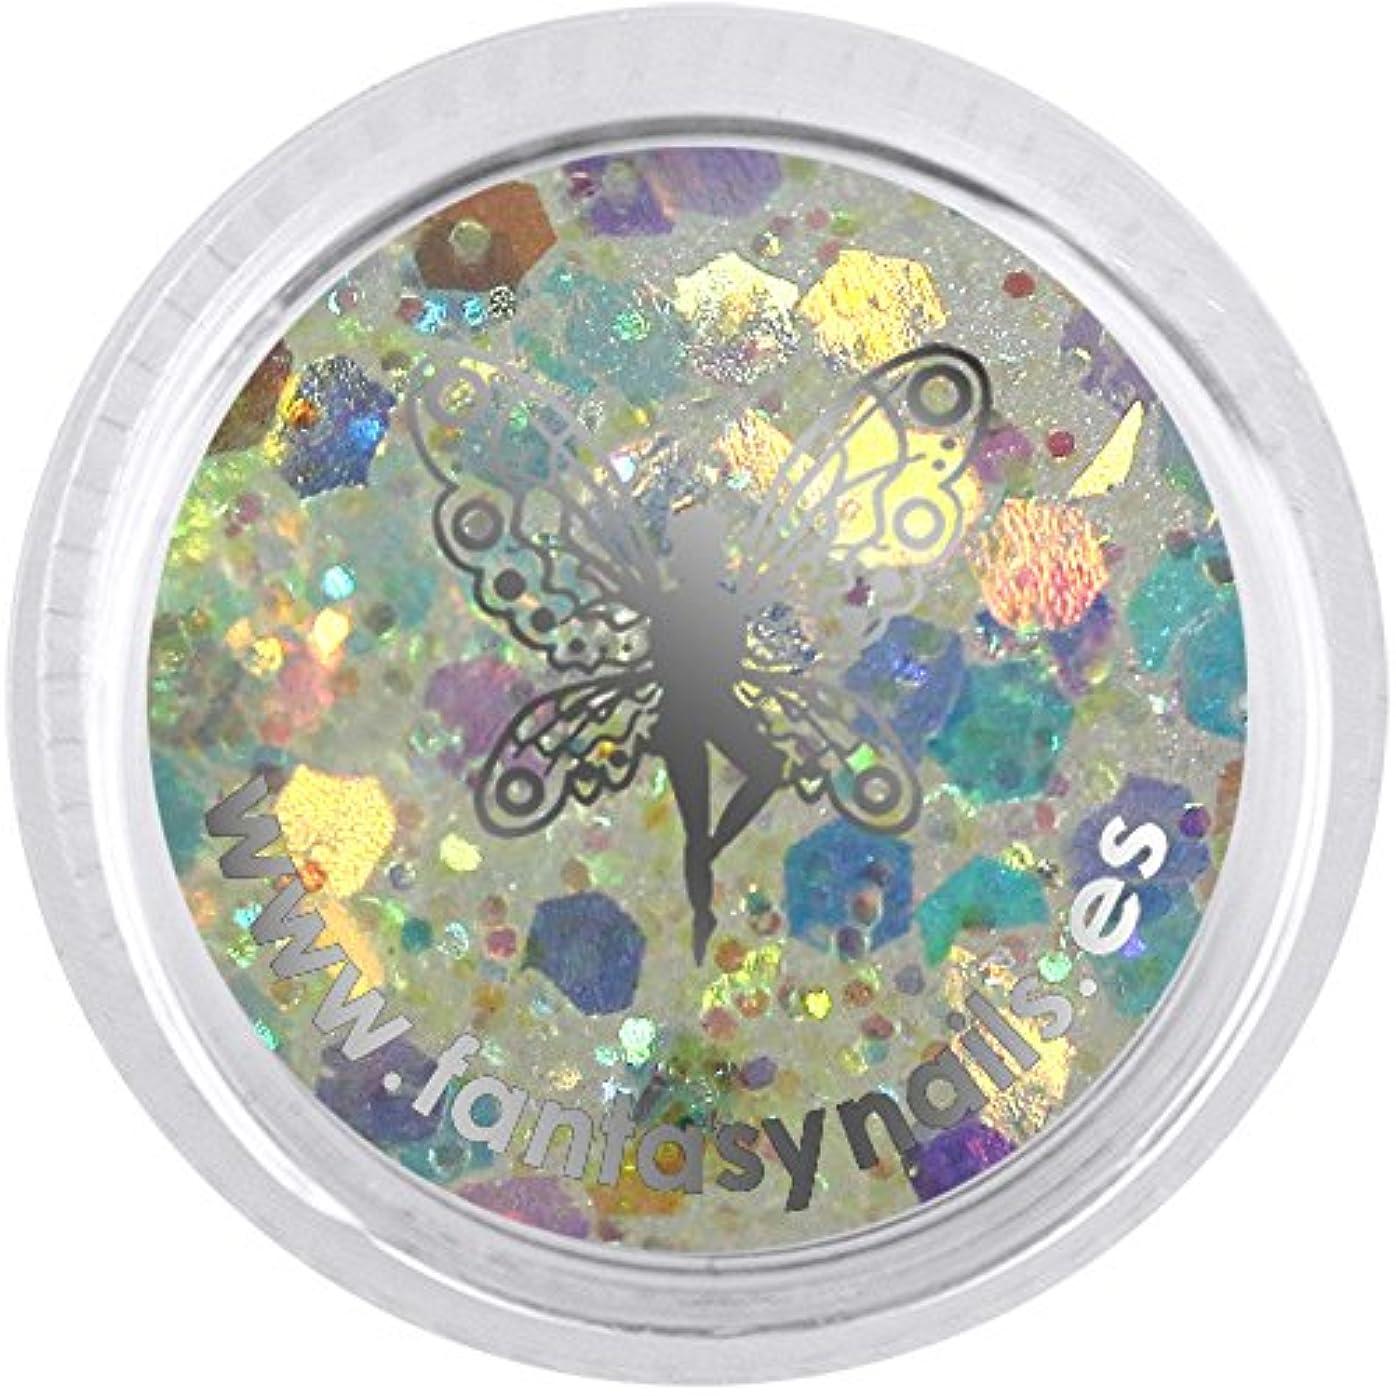 アッティカス送った成熟したFANTASY NAIL トウキョウコレクション 3g 4220XS カラーパウダー アート材